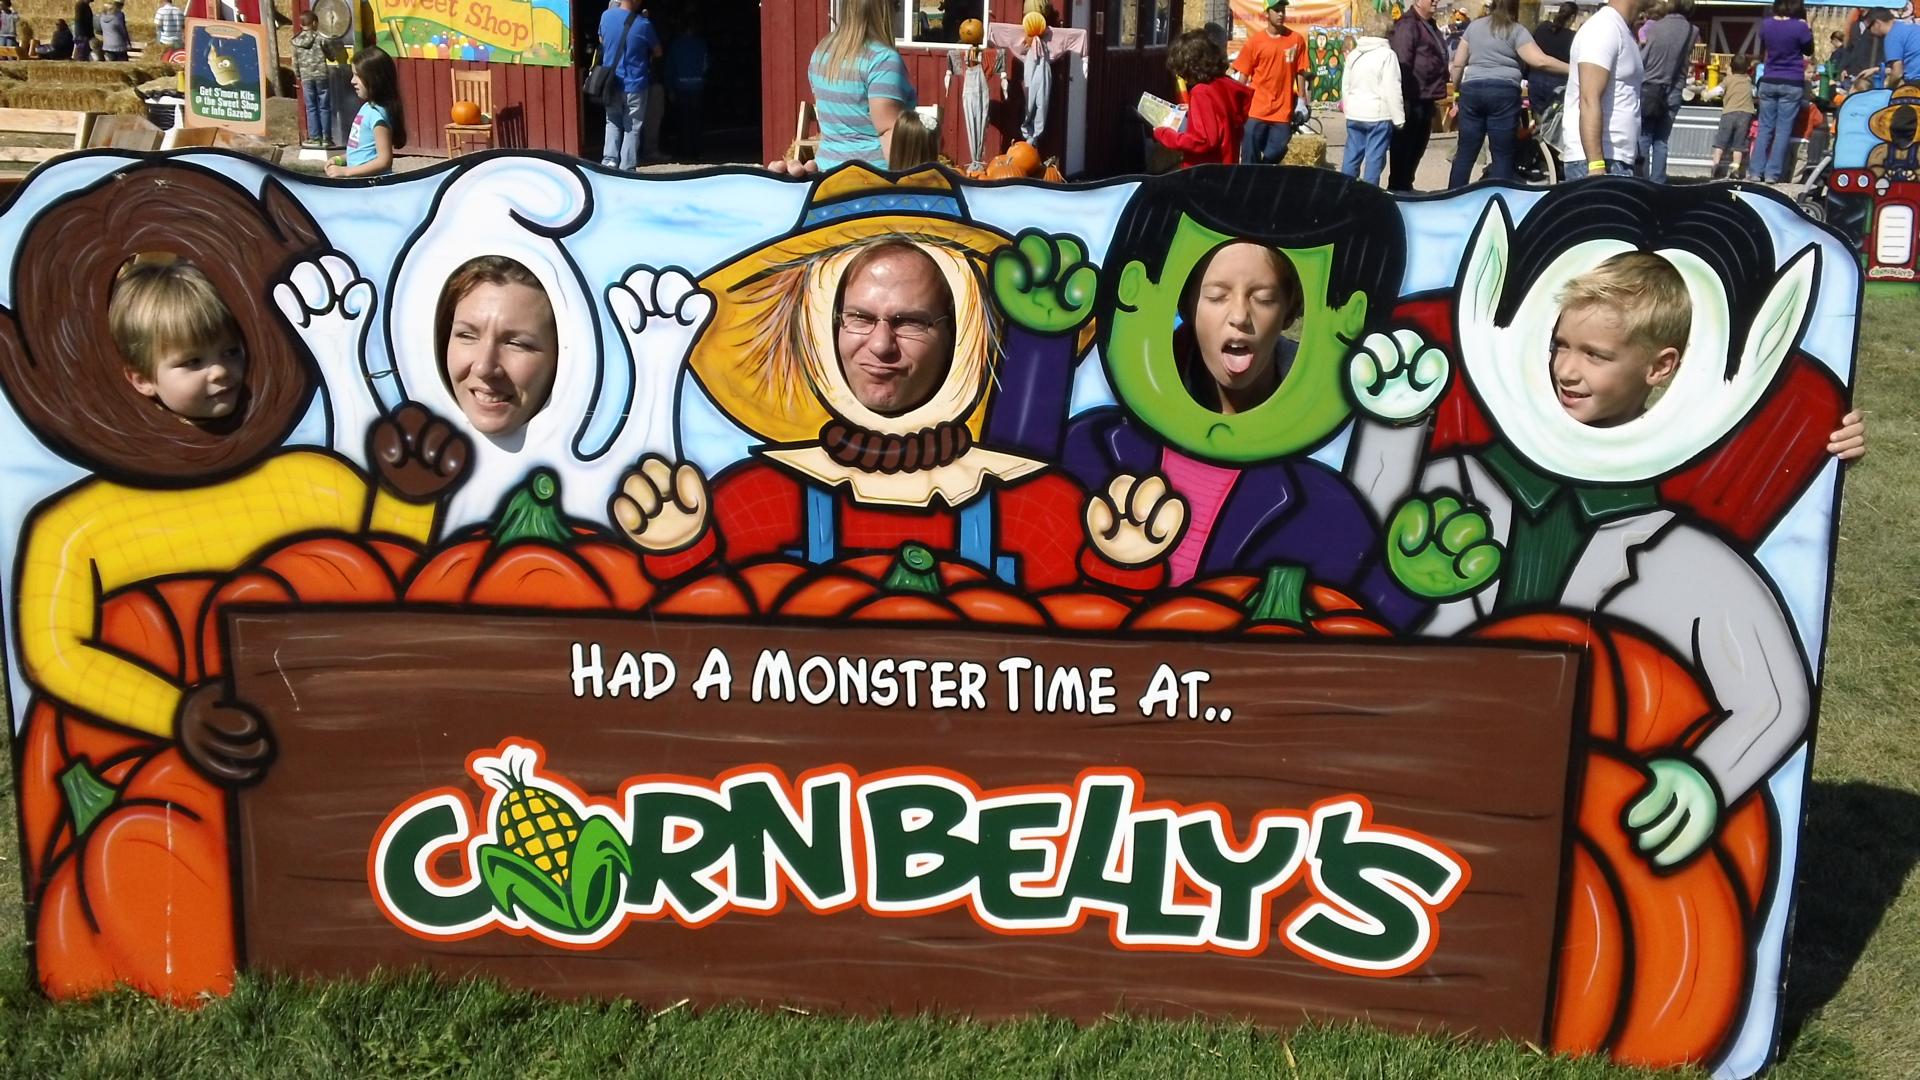 A family at Cornbelly's Corn Maze